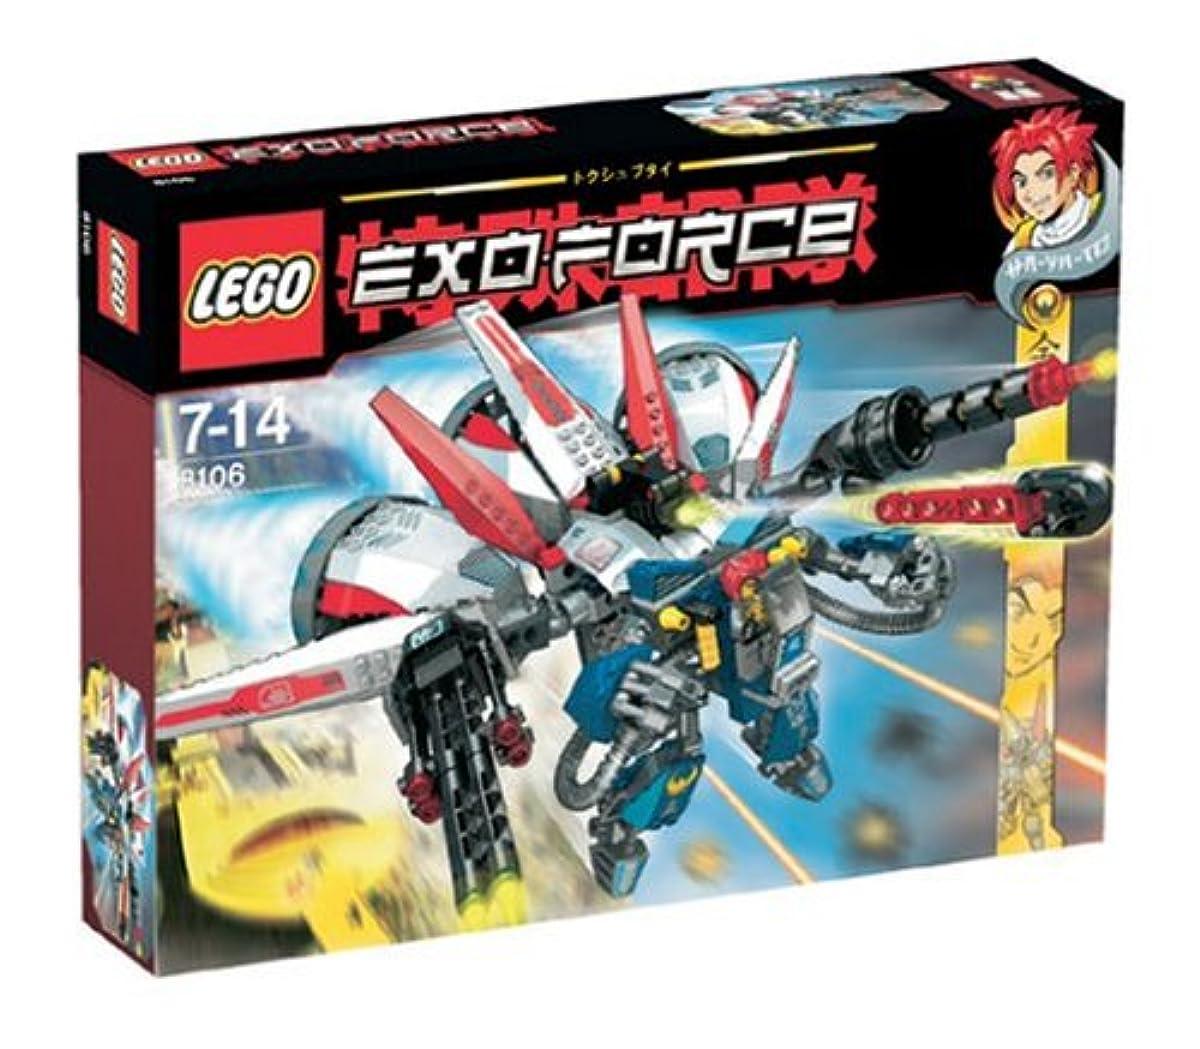 [해외] 레고 (LEGO) 에쿠소포스 에어로 부스터 8106 (2007-09-13)